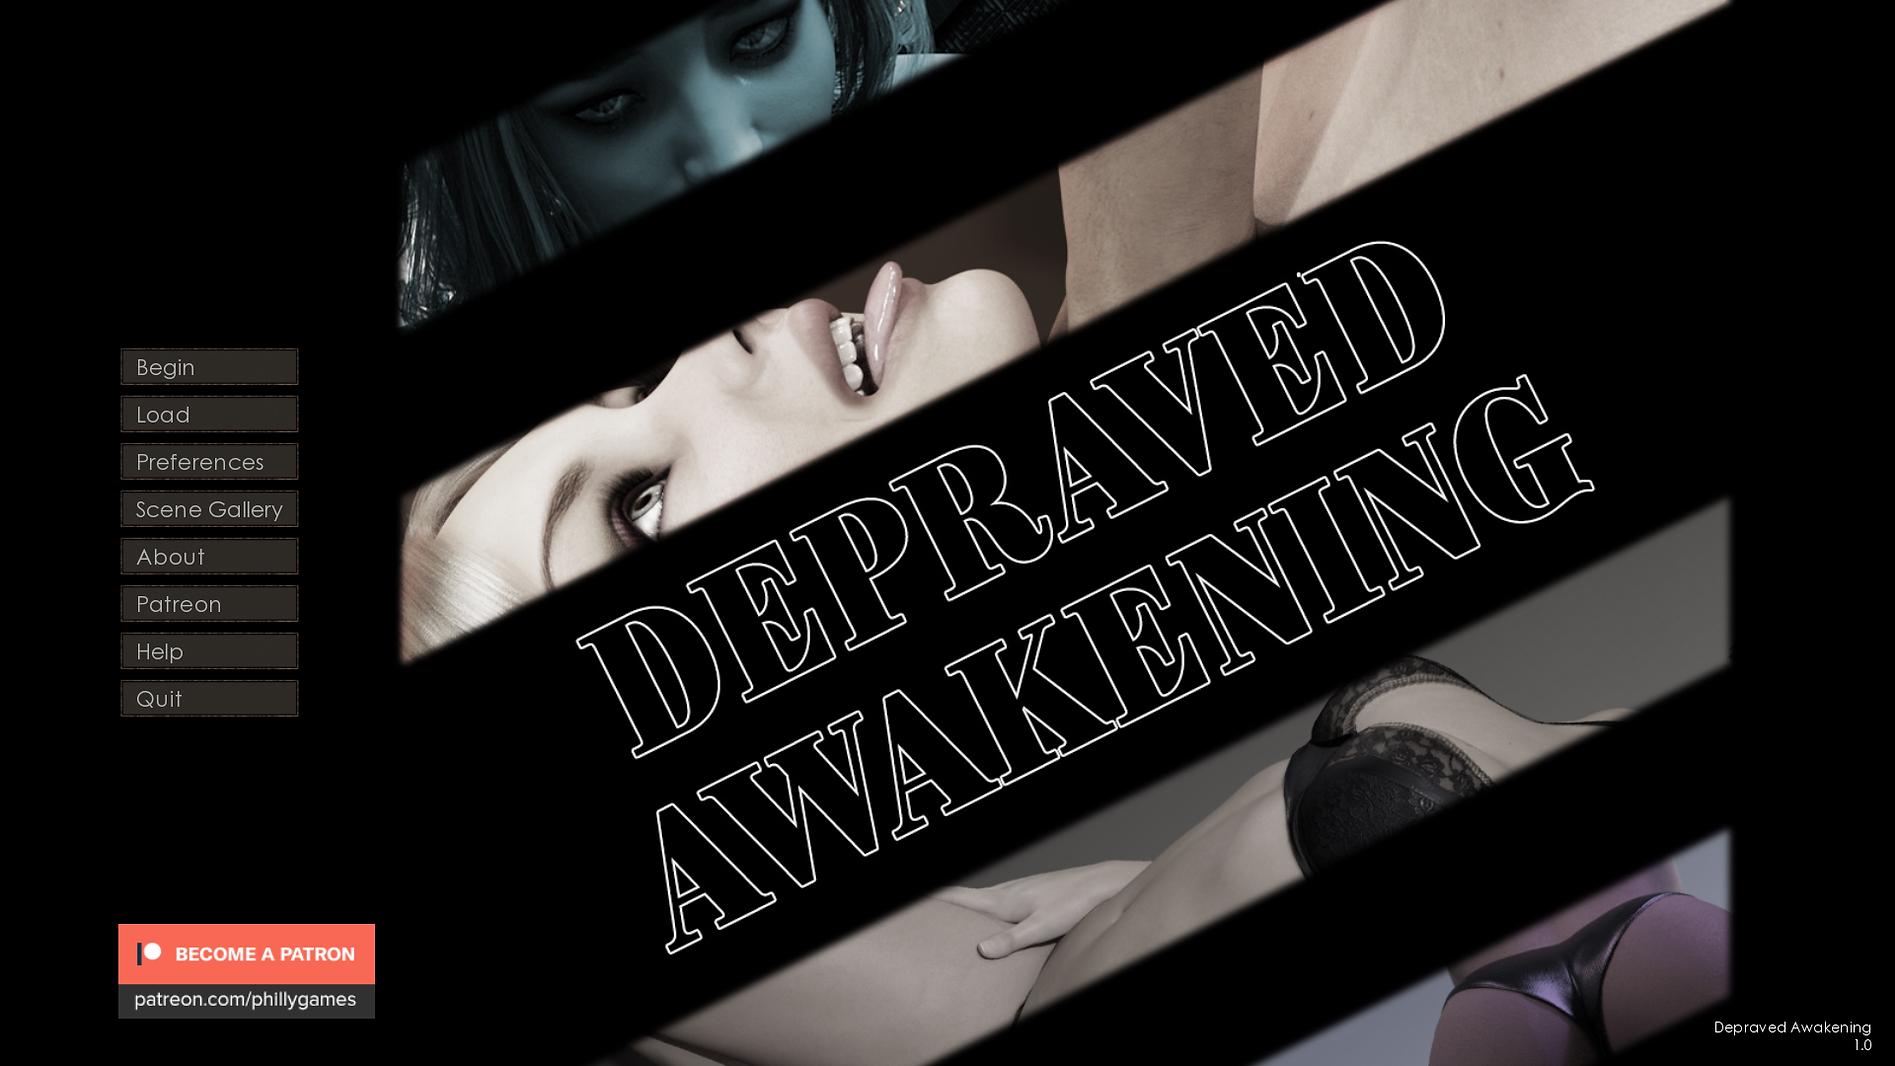 Depraved Awakening Main - Hru's Harem.pn